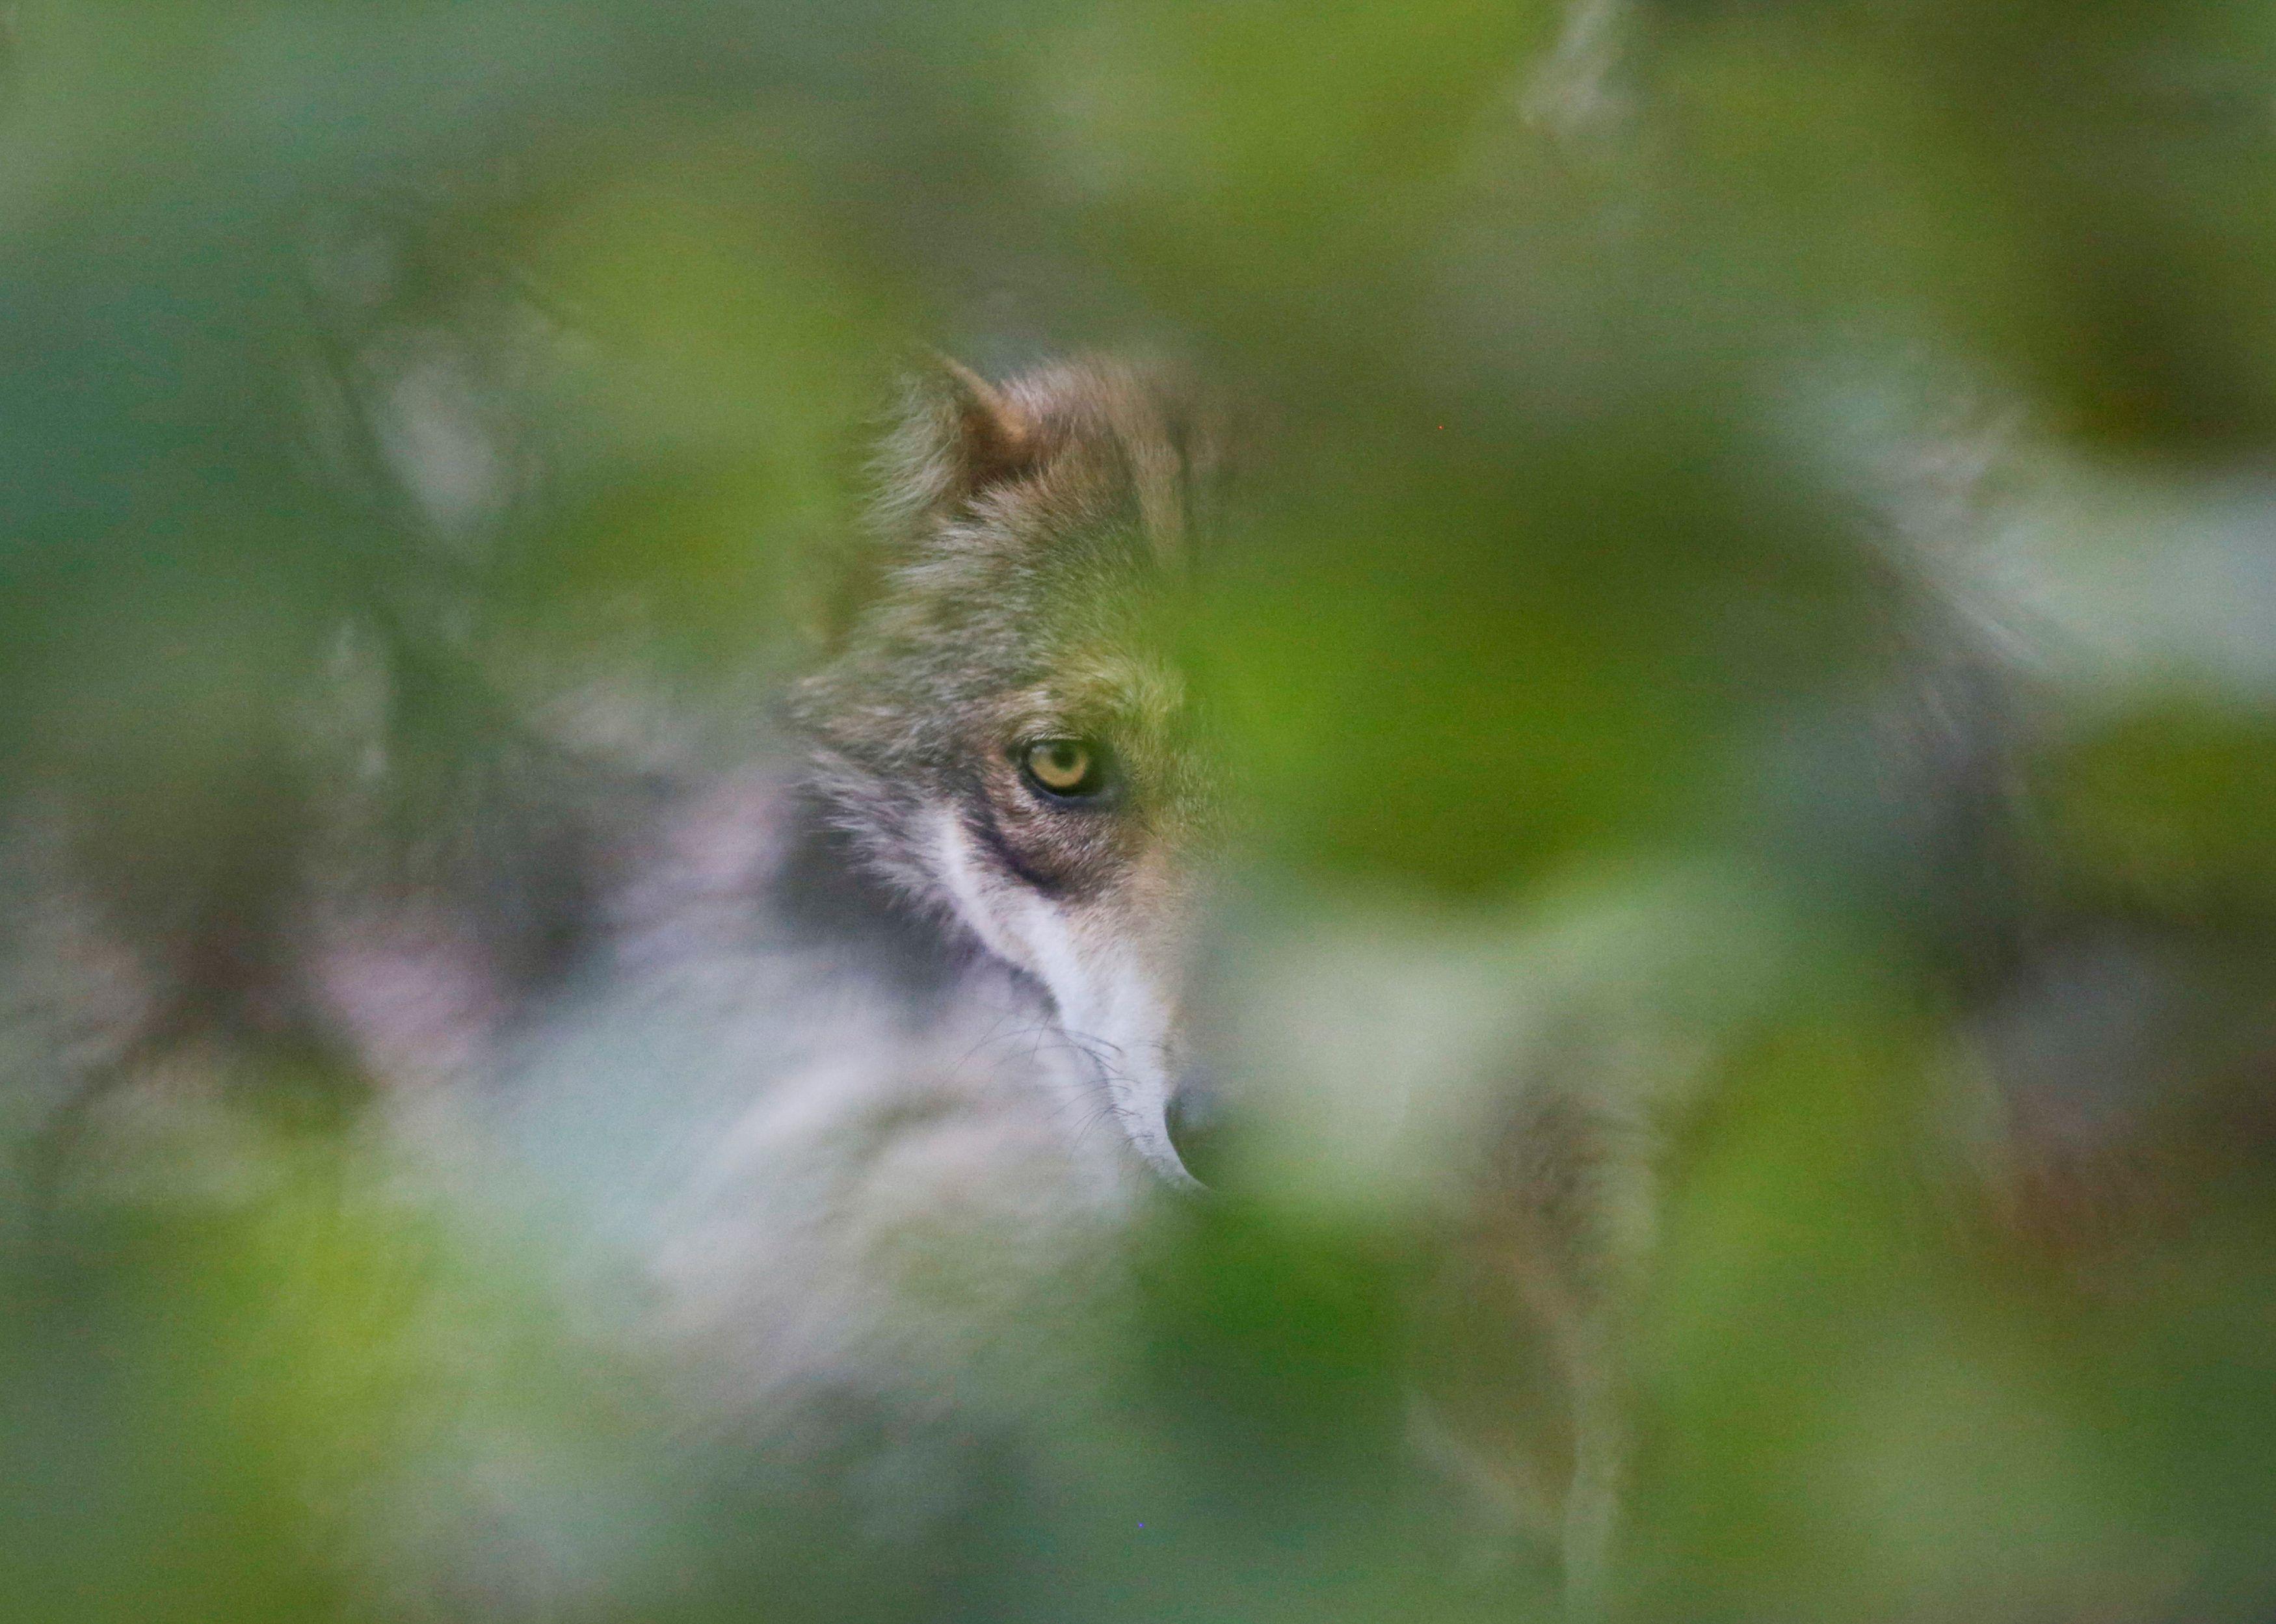 Un lobo gris mexicano, una especie nativa en peligro de extinción, es fotografiado a través de un árbol en su recinto en el Museo del Desierto en Saltillo, México, 1 de julio de 2020. (Foto: REUTERS / Daniel Becerril)